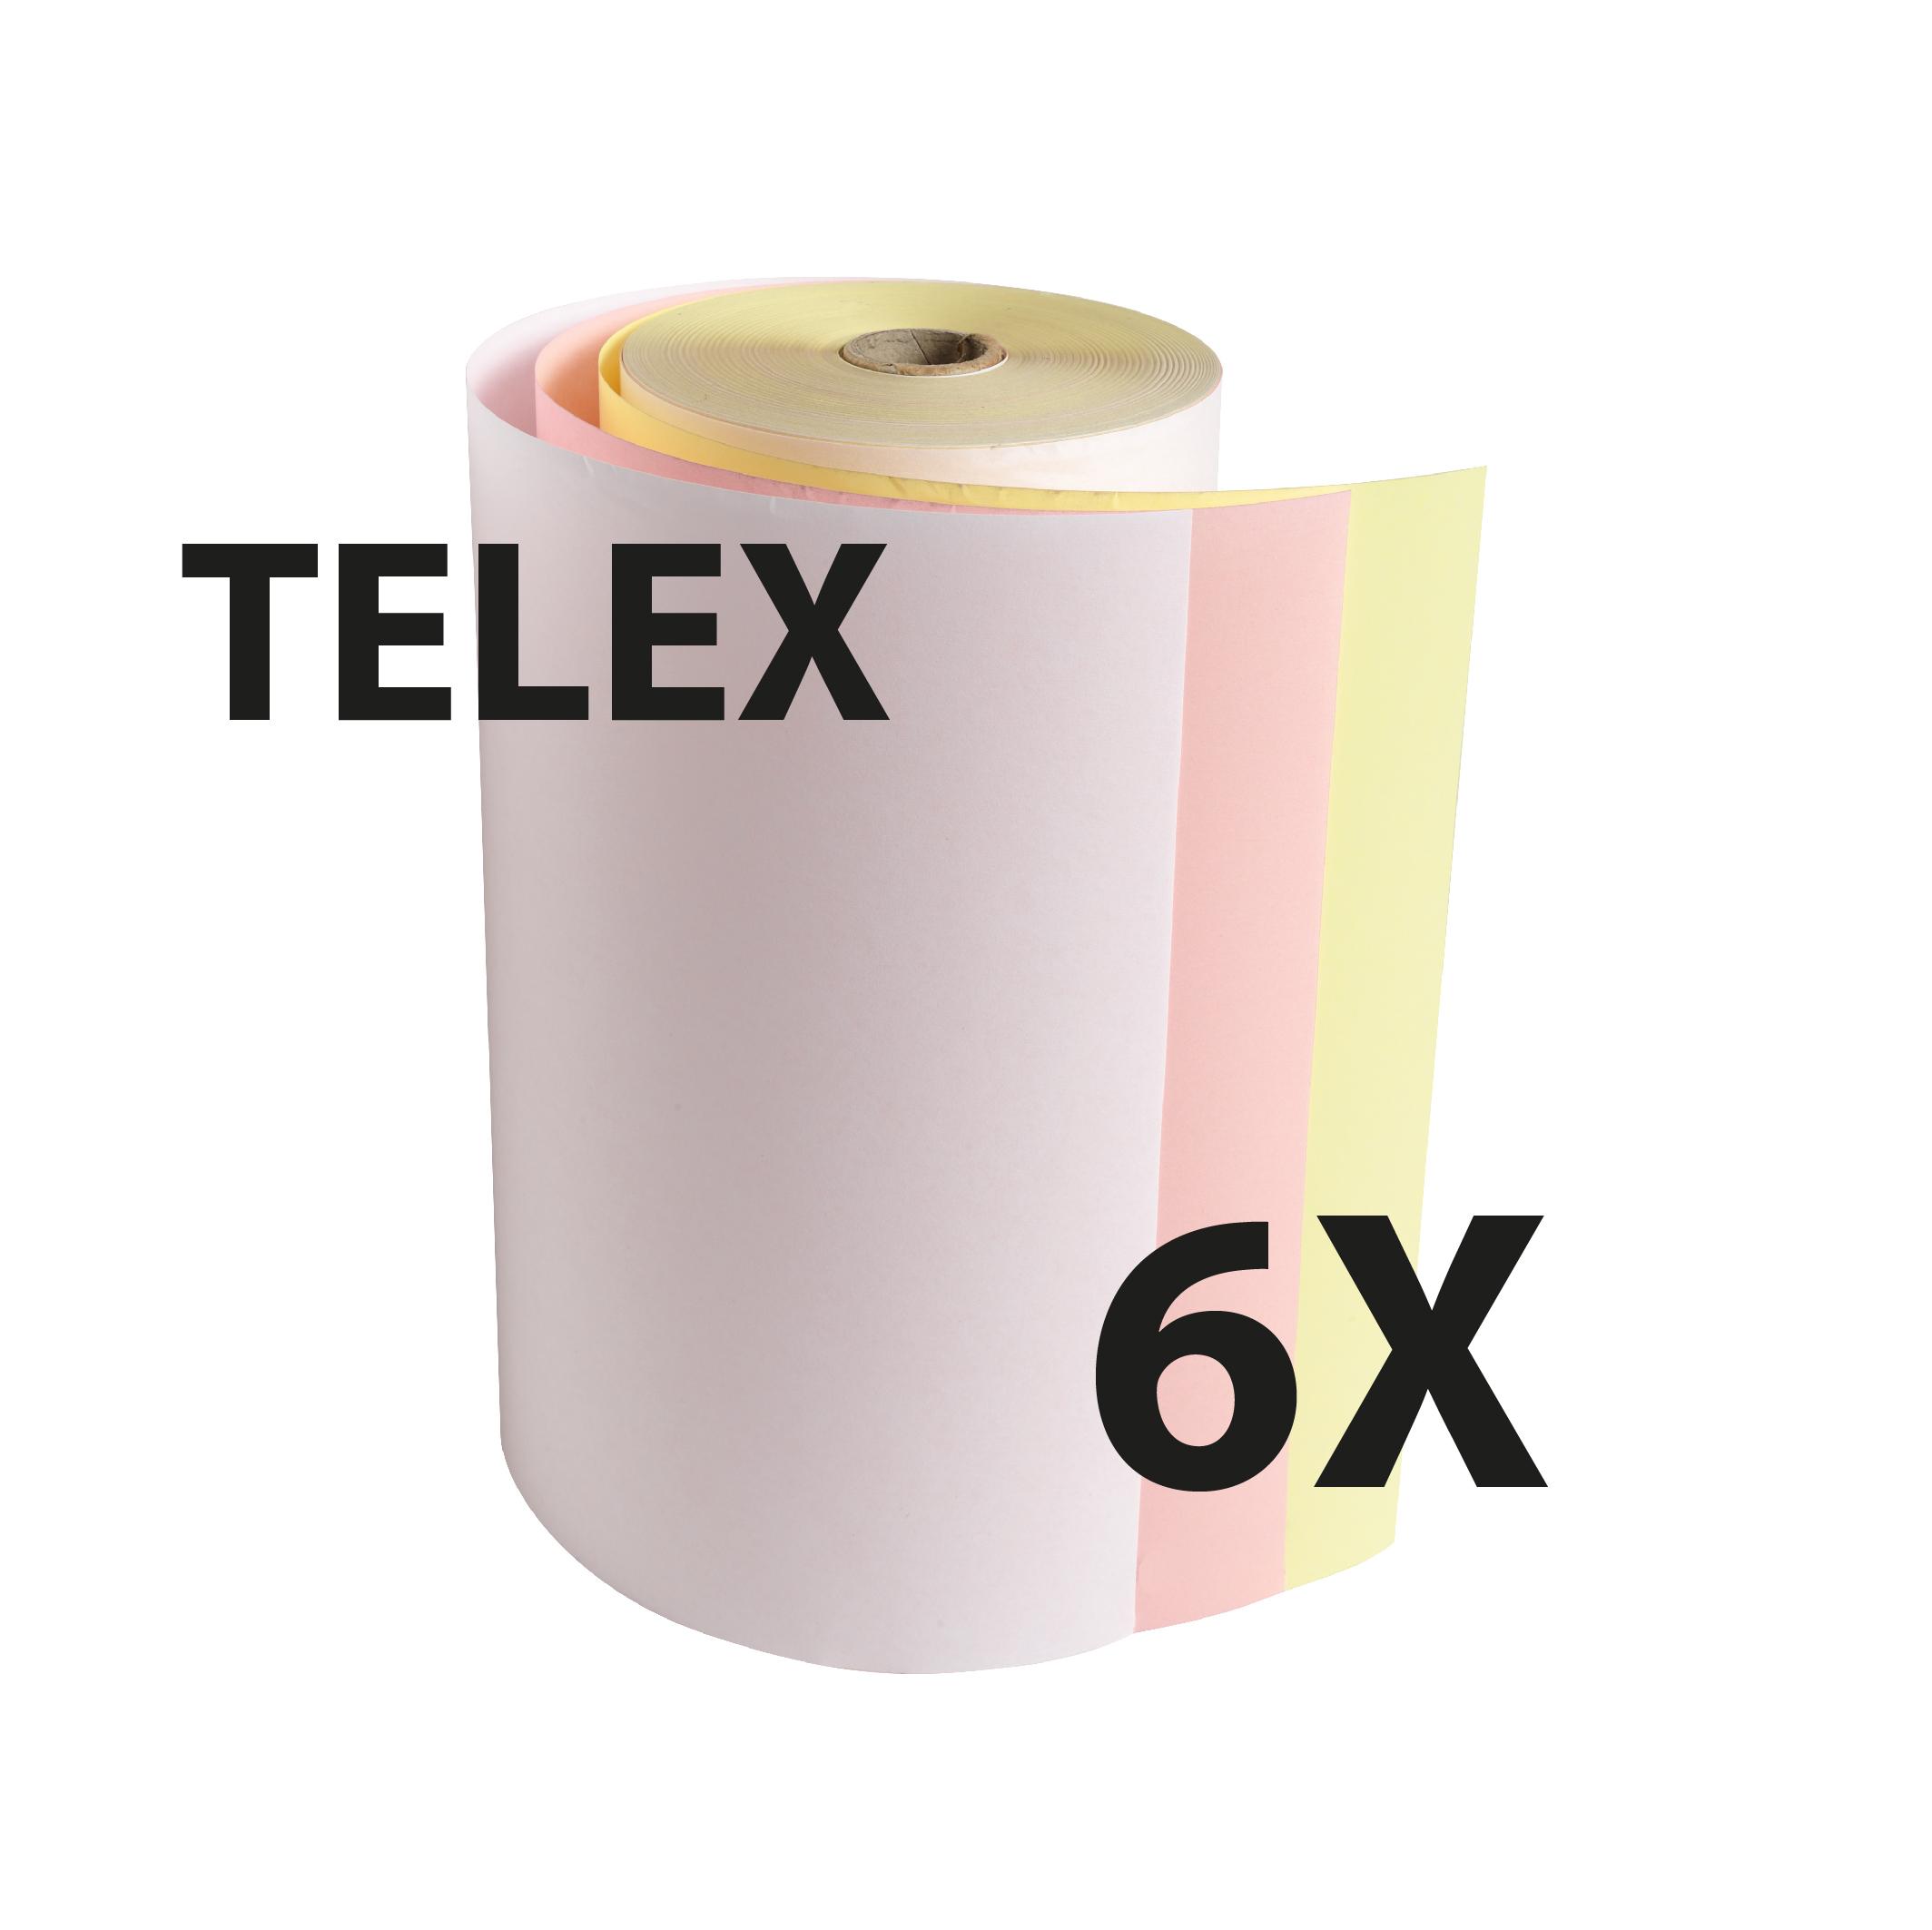 Exacompta - 6 Bobines Télex - 210 x 120 mm - 3 plis chimique autocopiant